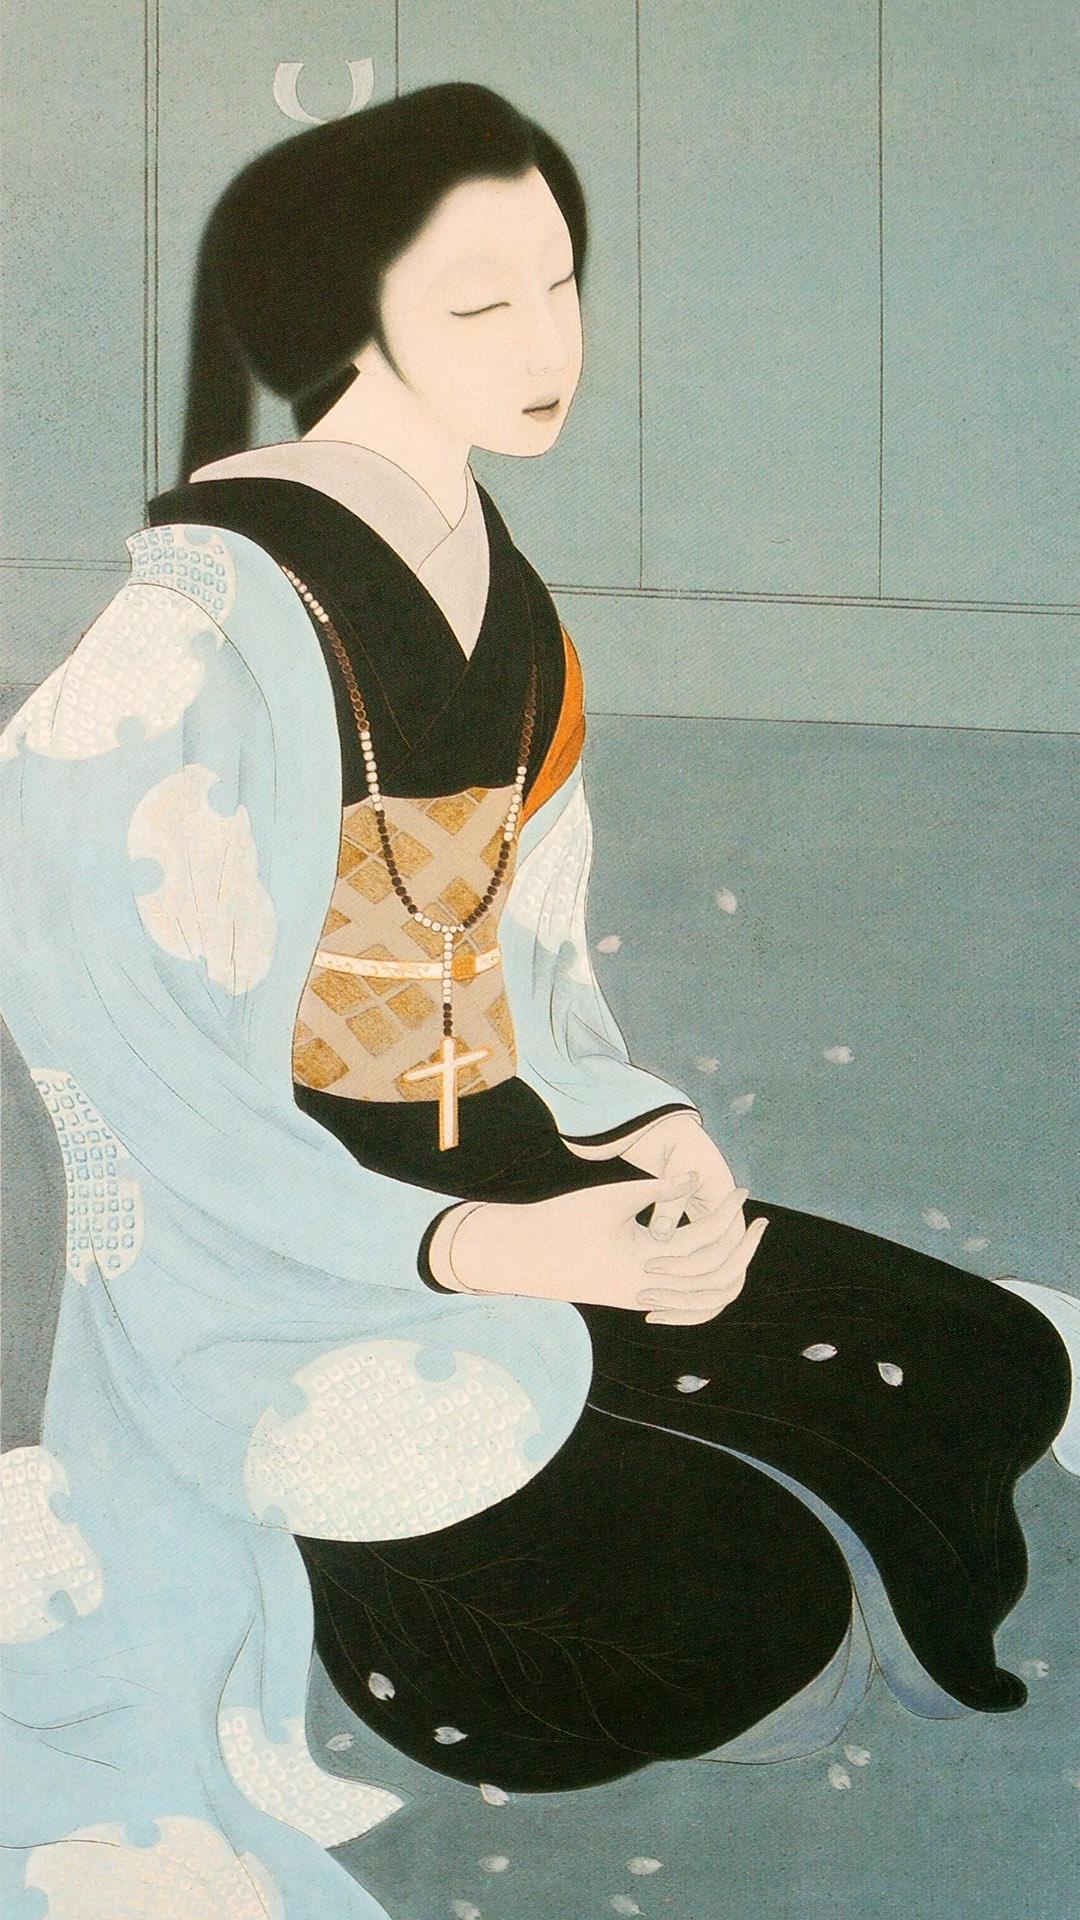 橋本明治 細川ガラシャ Hashimoto Meiji - Hosokawa garasha 1080x1920